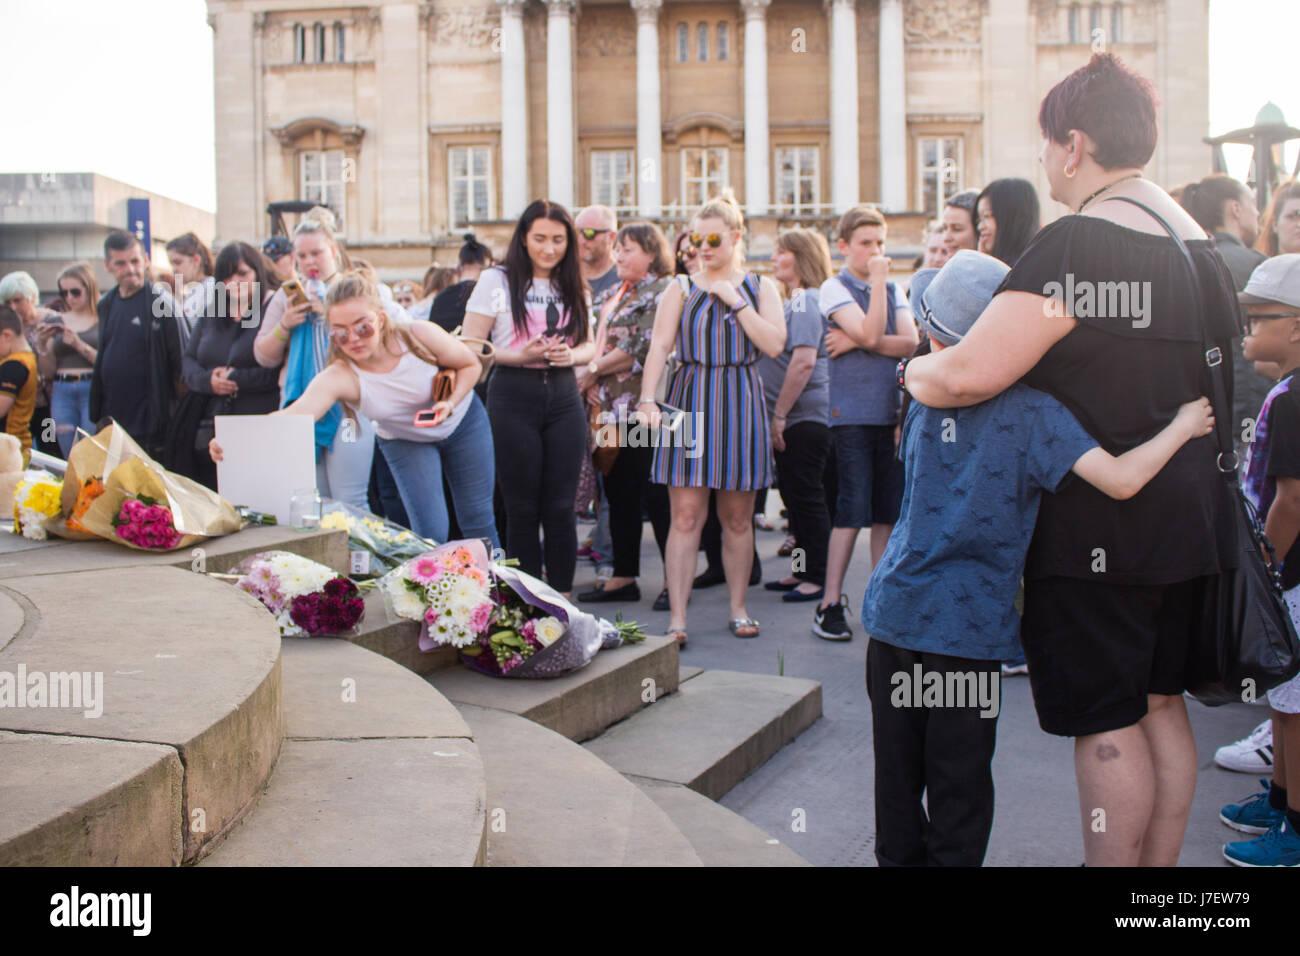 Kingston Upon Hull, le 24 mai 2017, une veillée est organisée pour les victimes de l'attaque terroriste Photo Stock